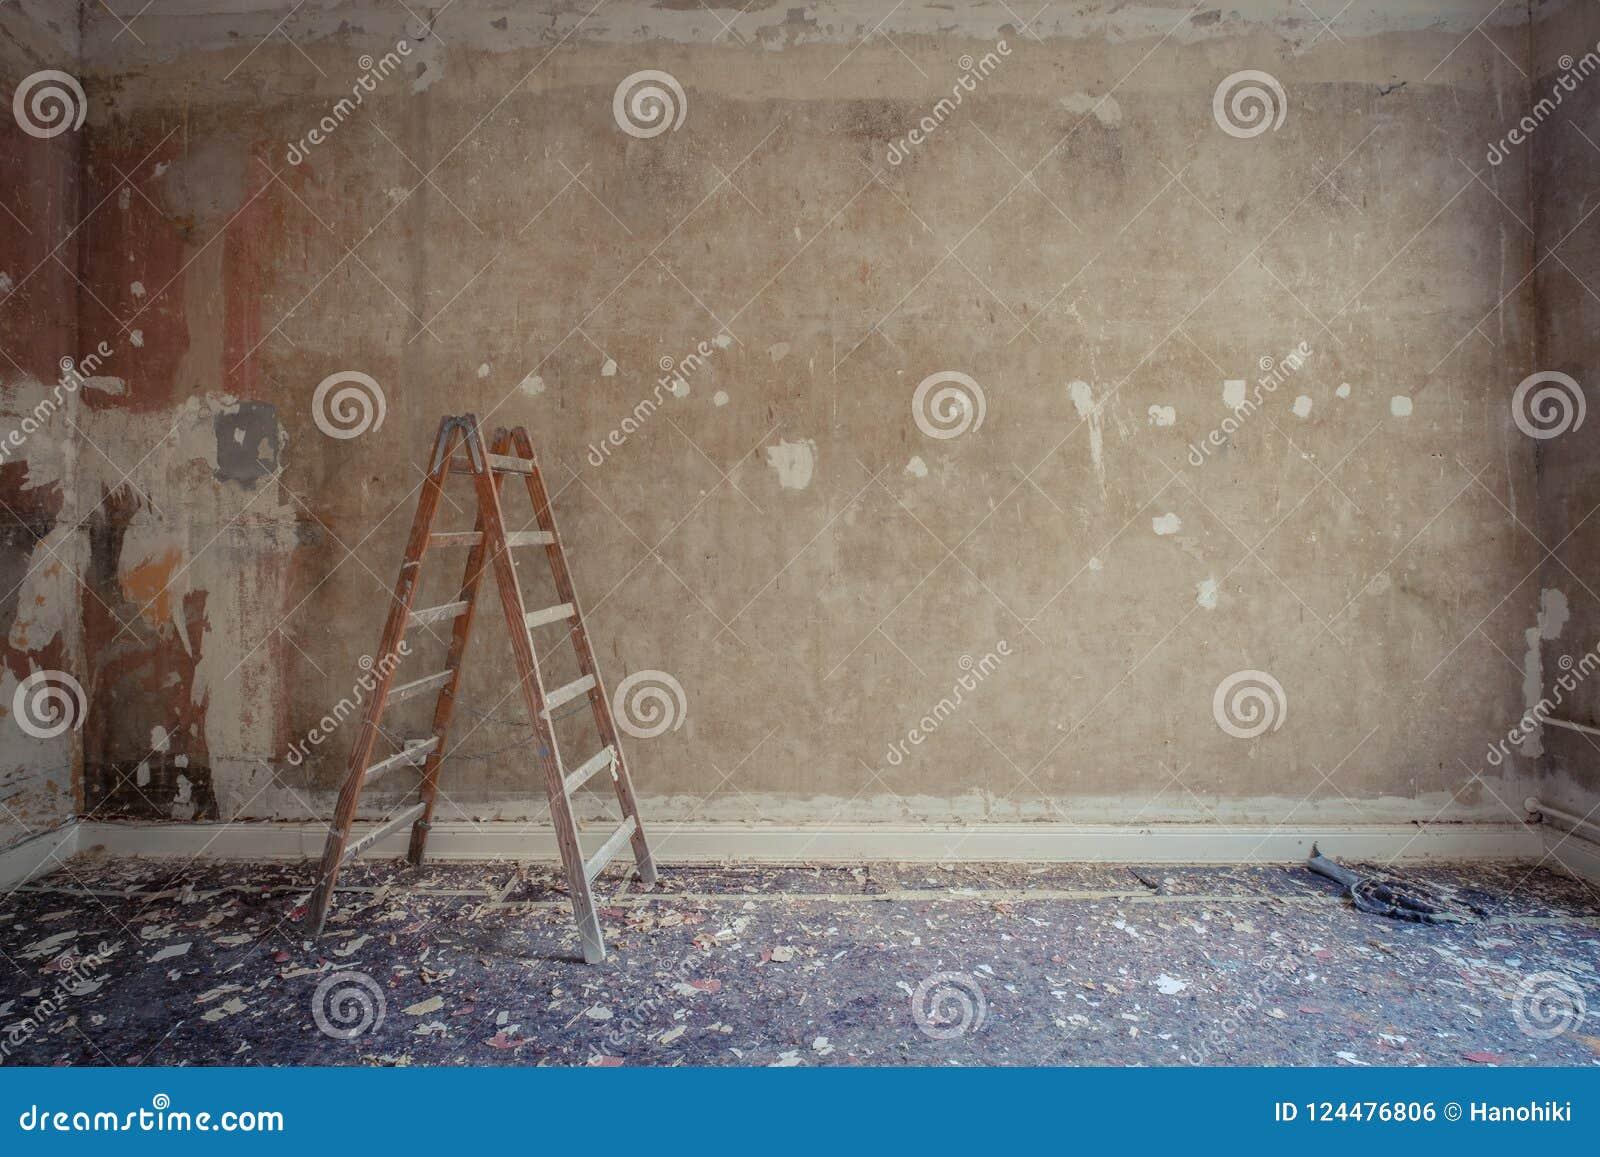 Drabina w pustym pokoju podczas odświeżania - domowa dekoracja, przywrócenia pojęcie